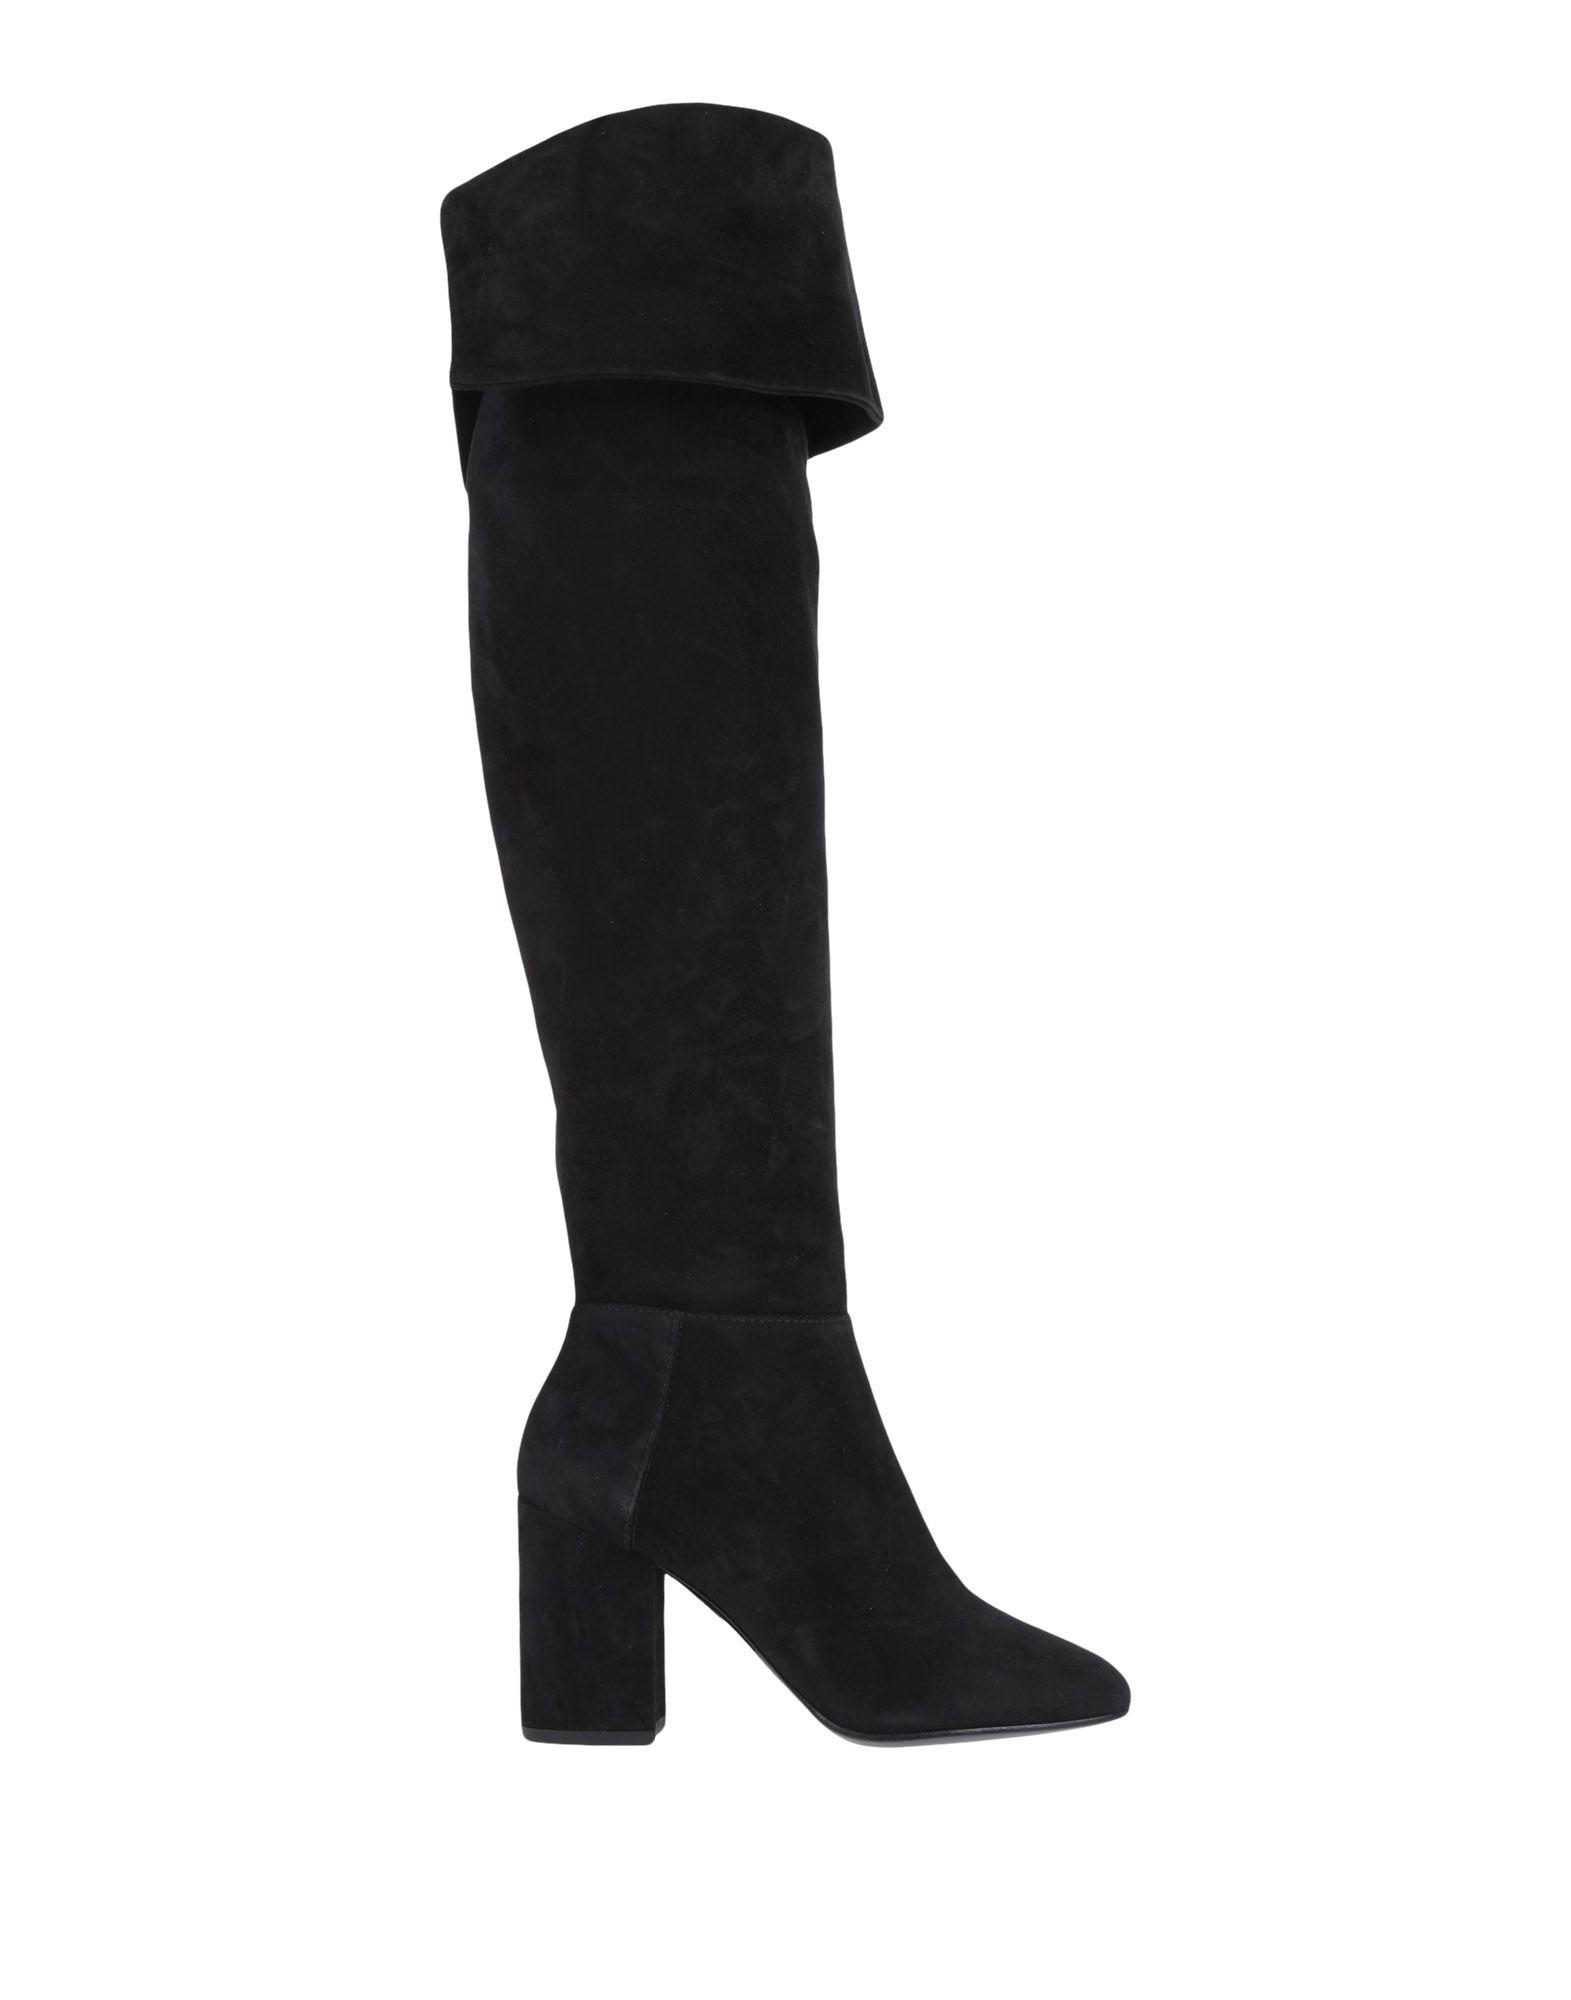 Grey Mer Stiefel Damen  11513952IQ 11513952IQ 11513952IQ Beliebte Schuhe f7a622